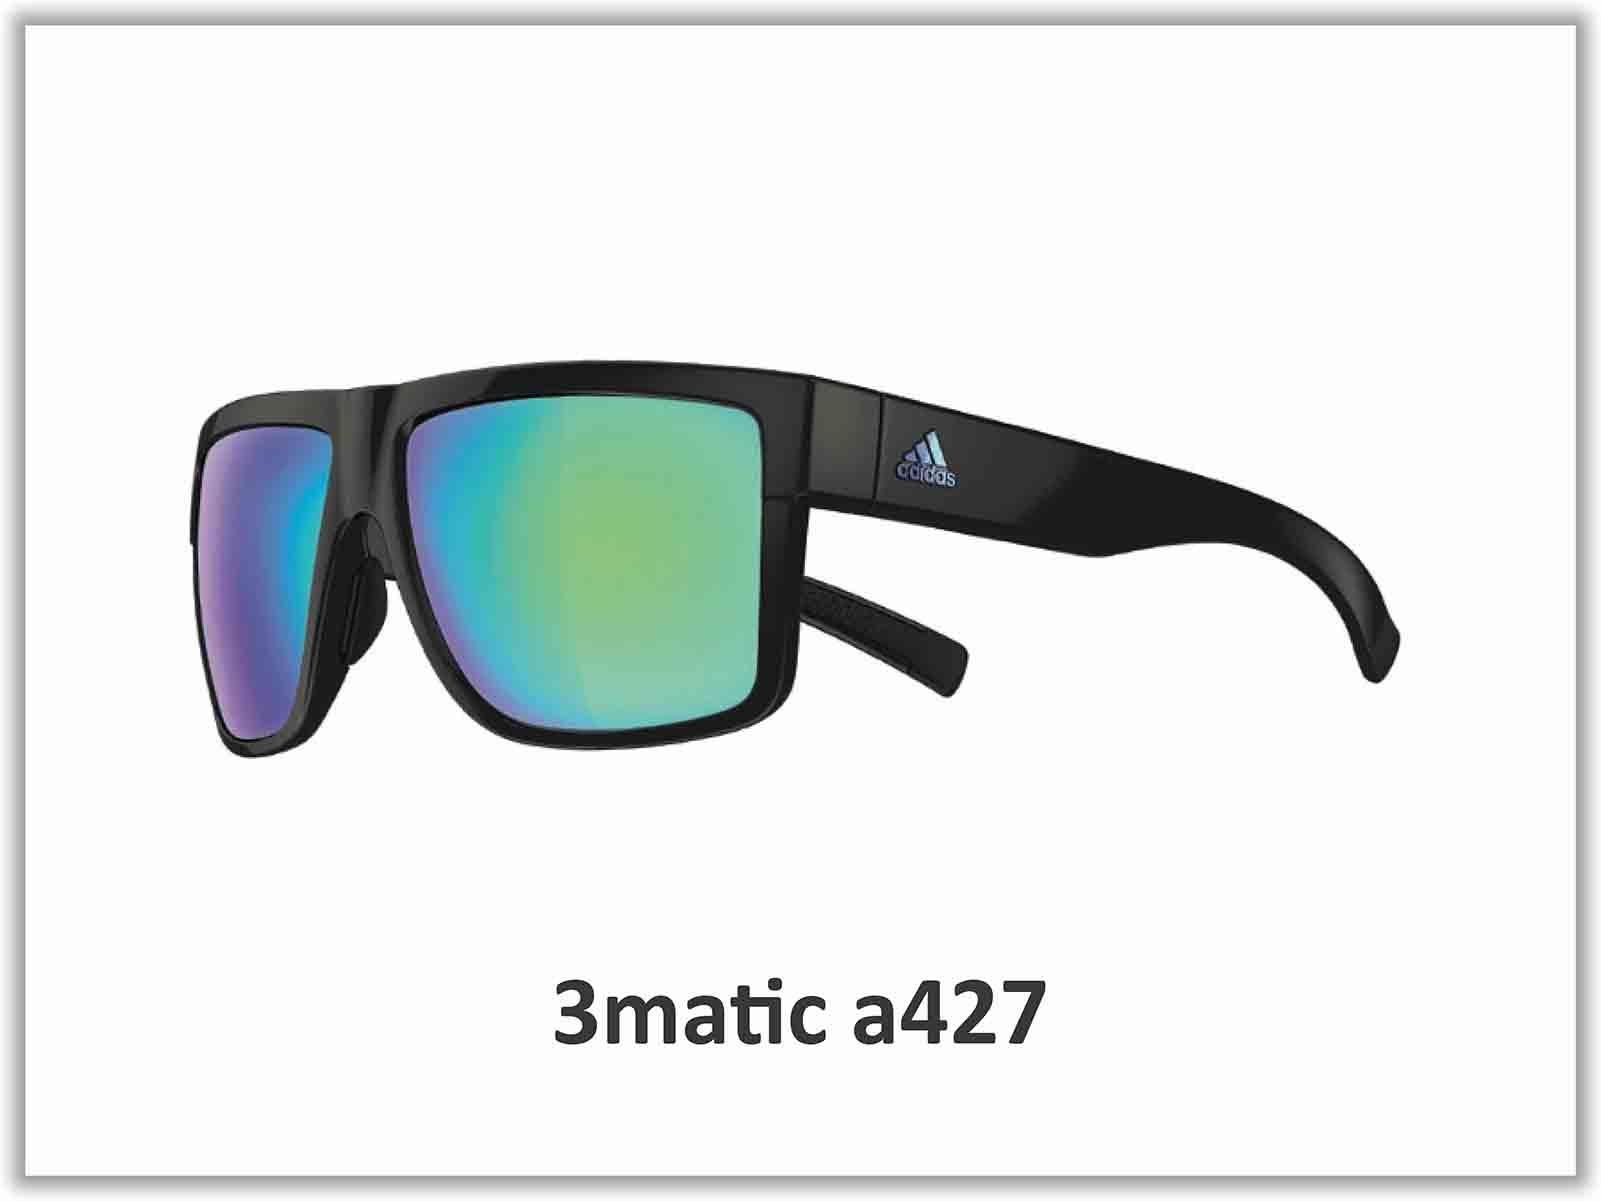 3MATIC a427